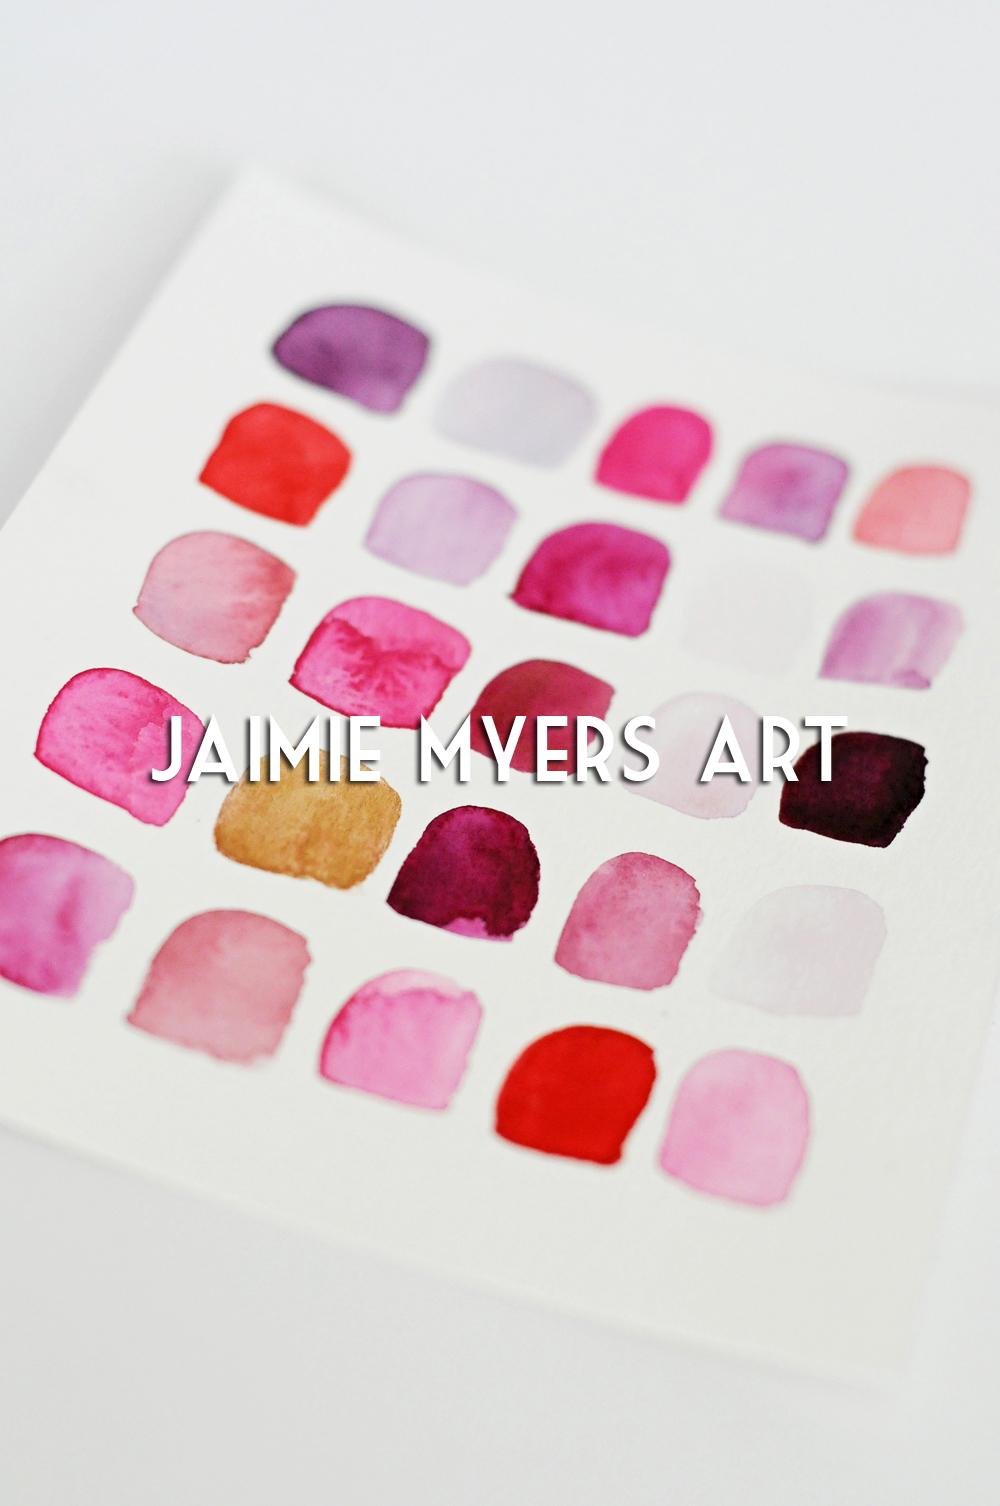 Jaimie Myers Art